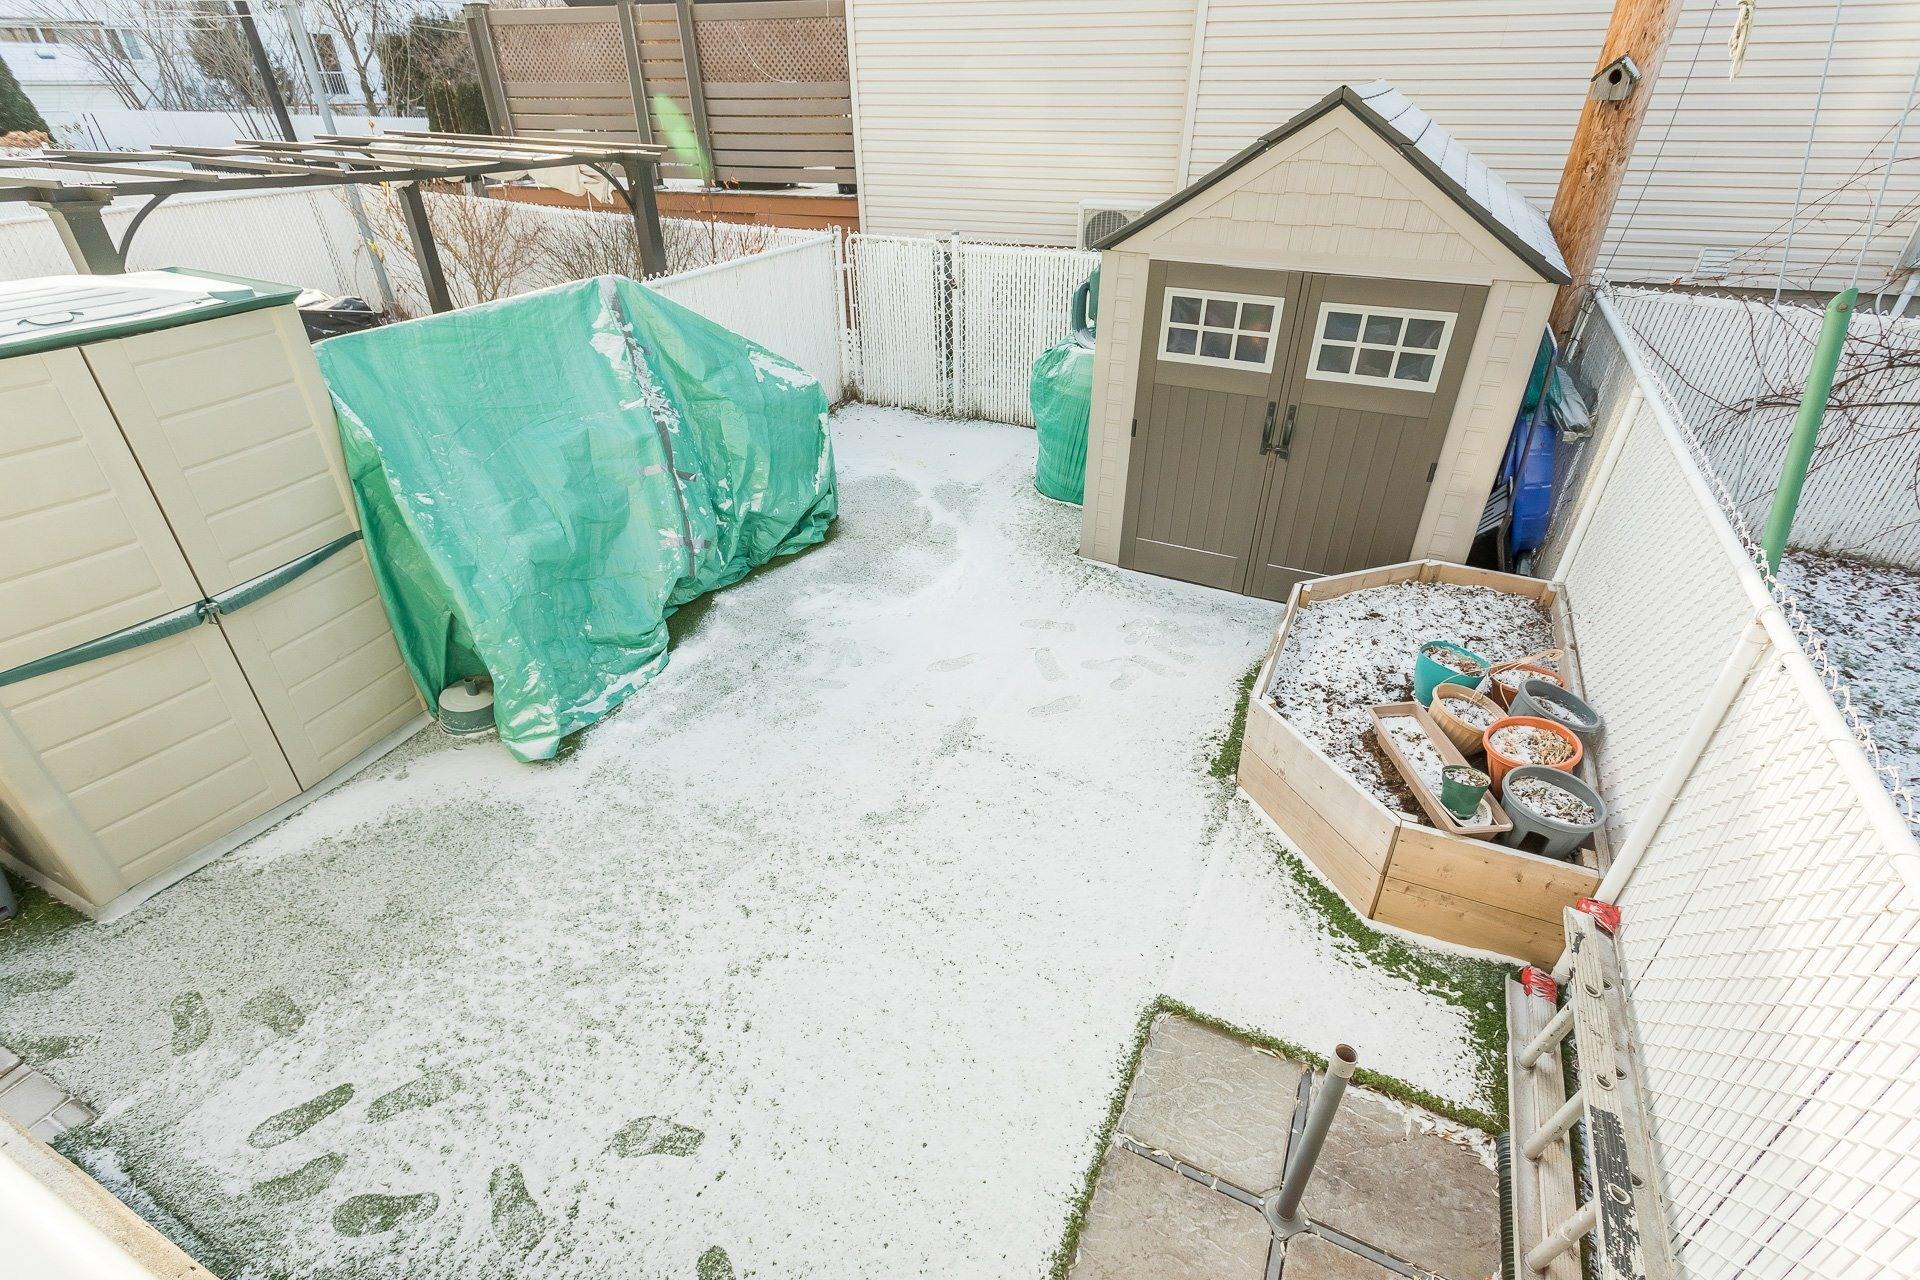 image 27 - House For sale Rivière-des-Prairies/Pointe-aux-Trembles Montréal  - 9 rooms